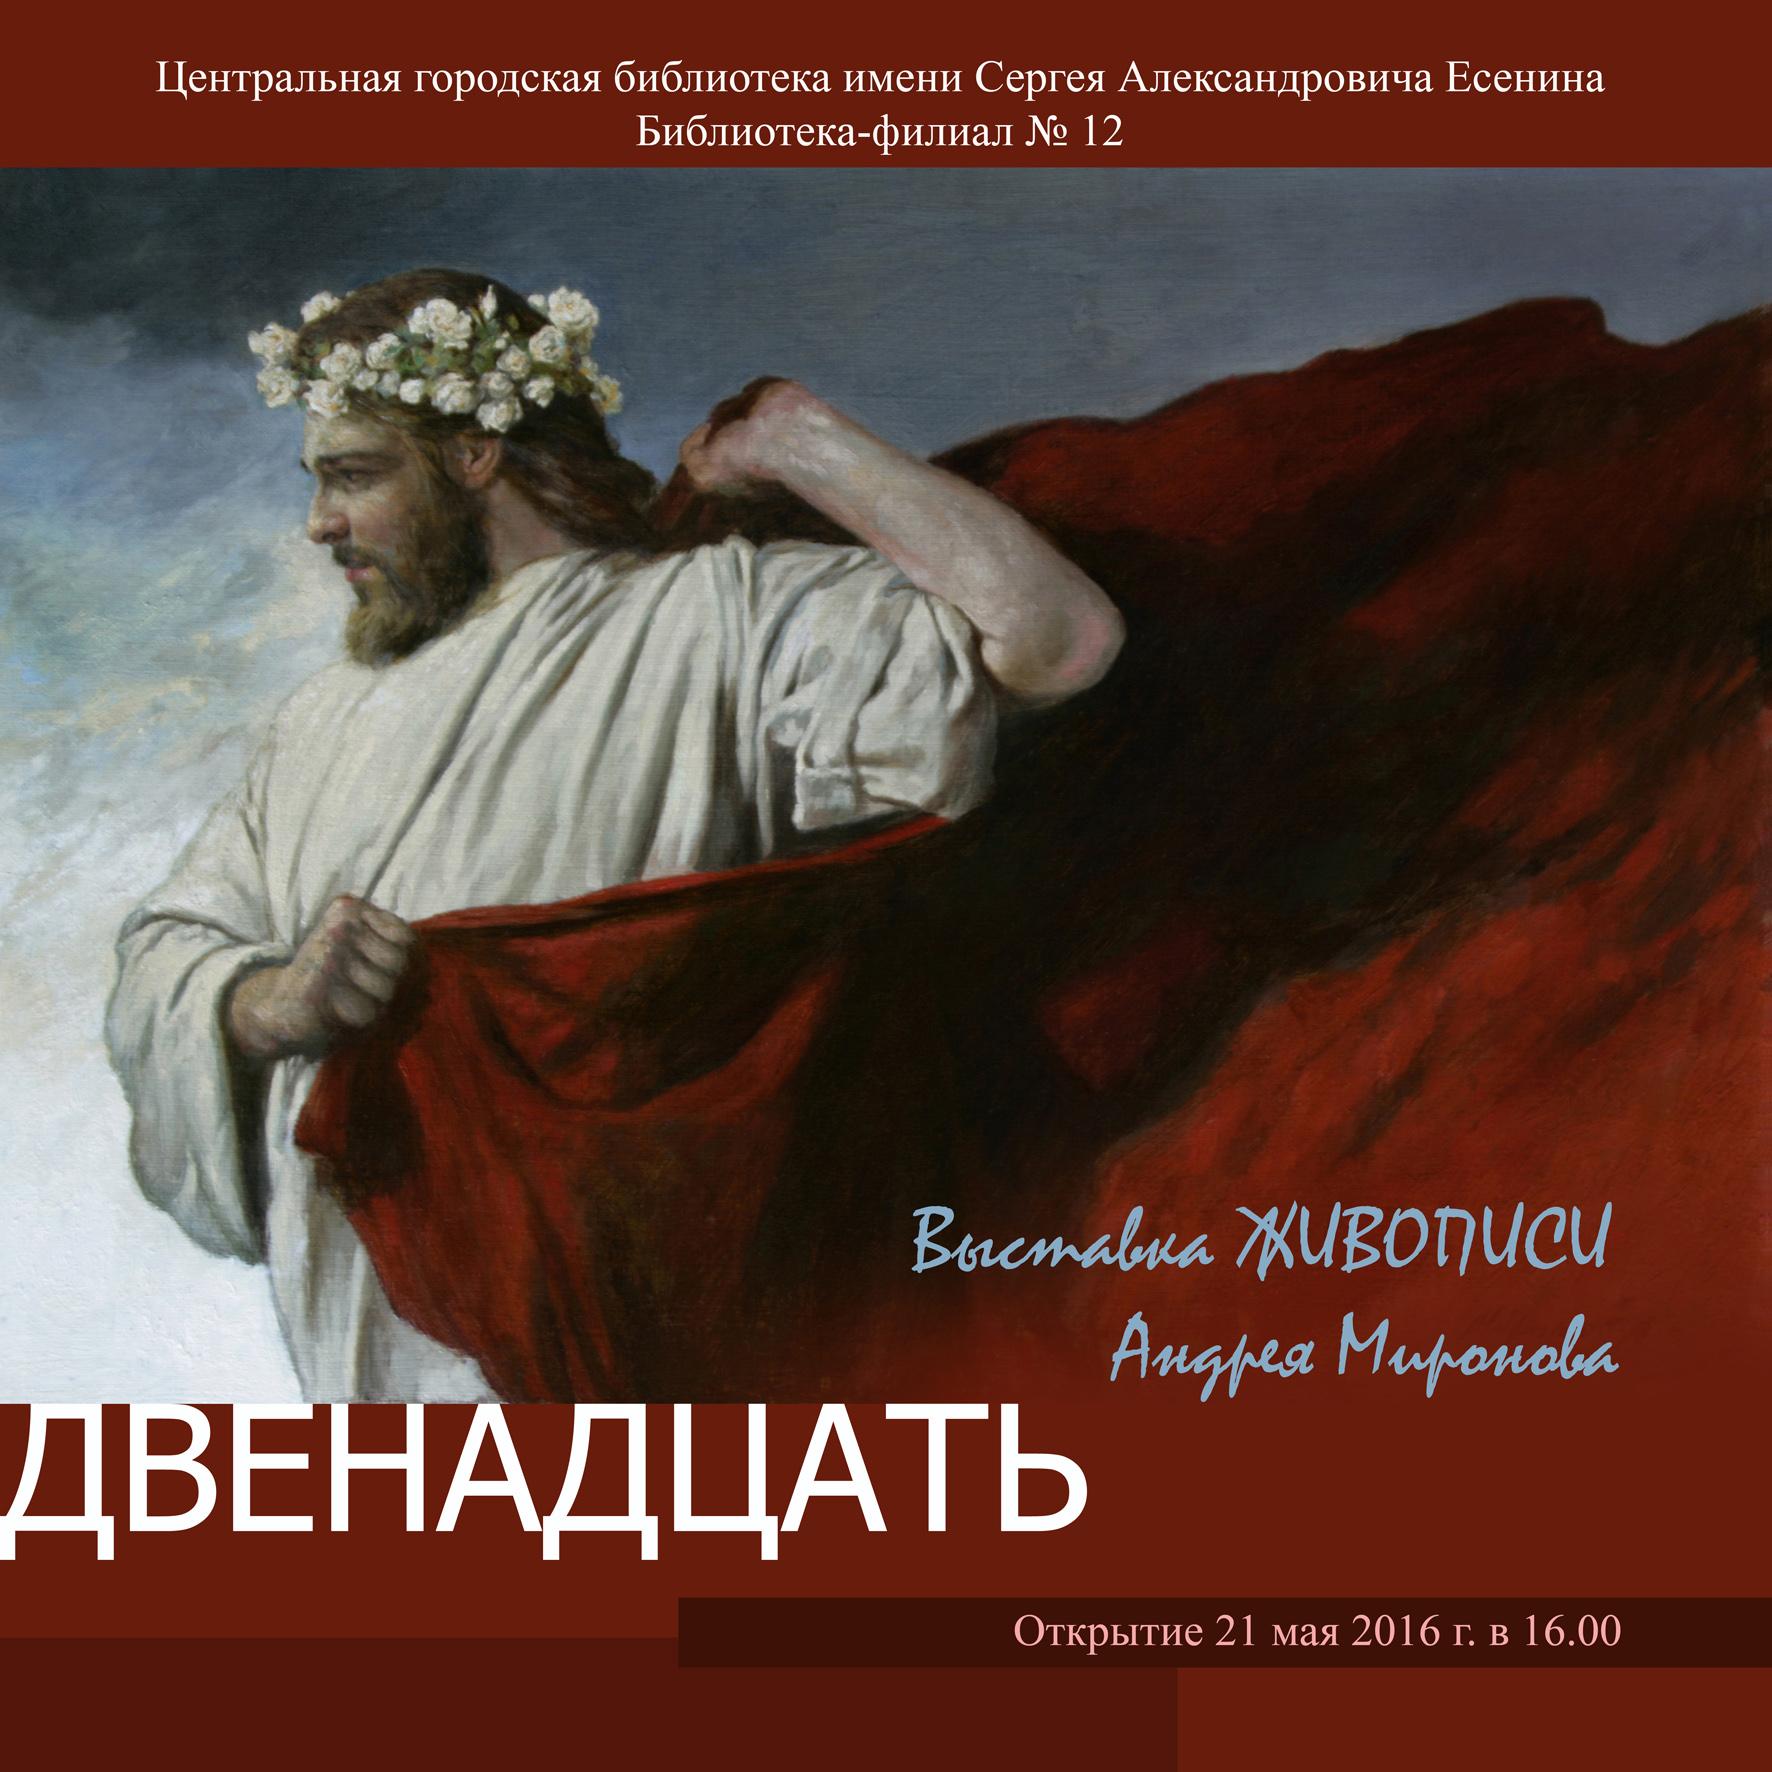 Персональная выставка живописи А. Миронова «Двенадцать»